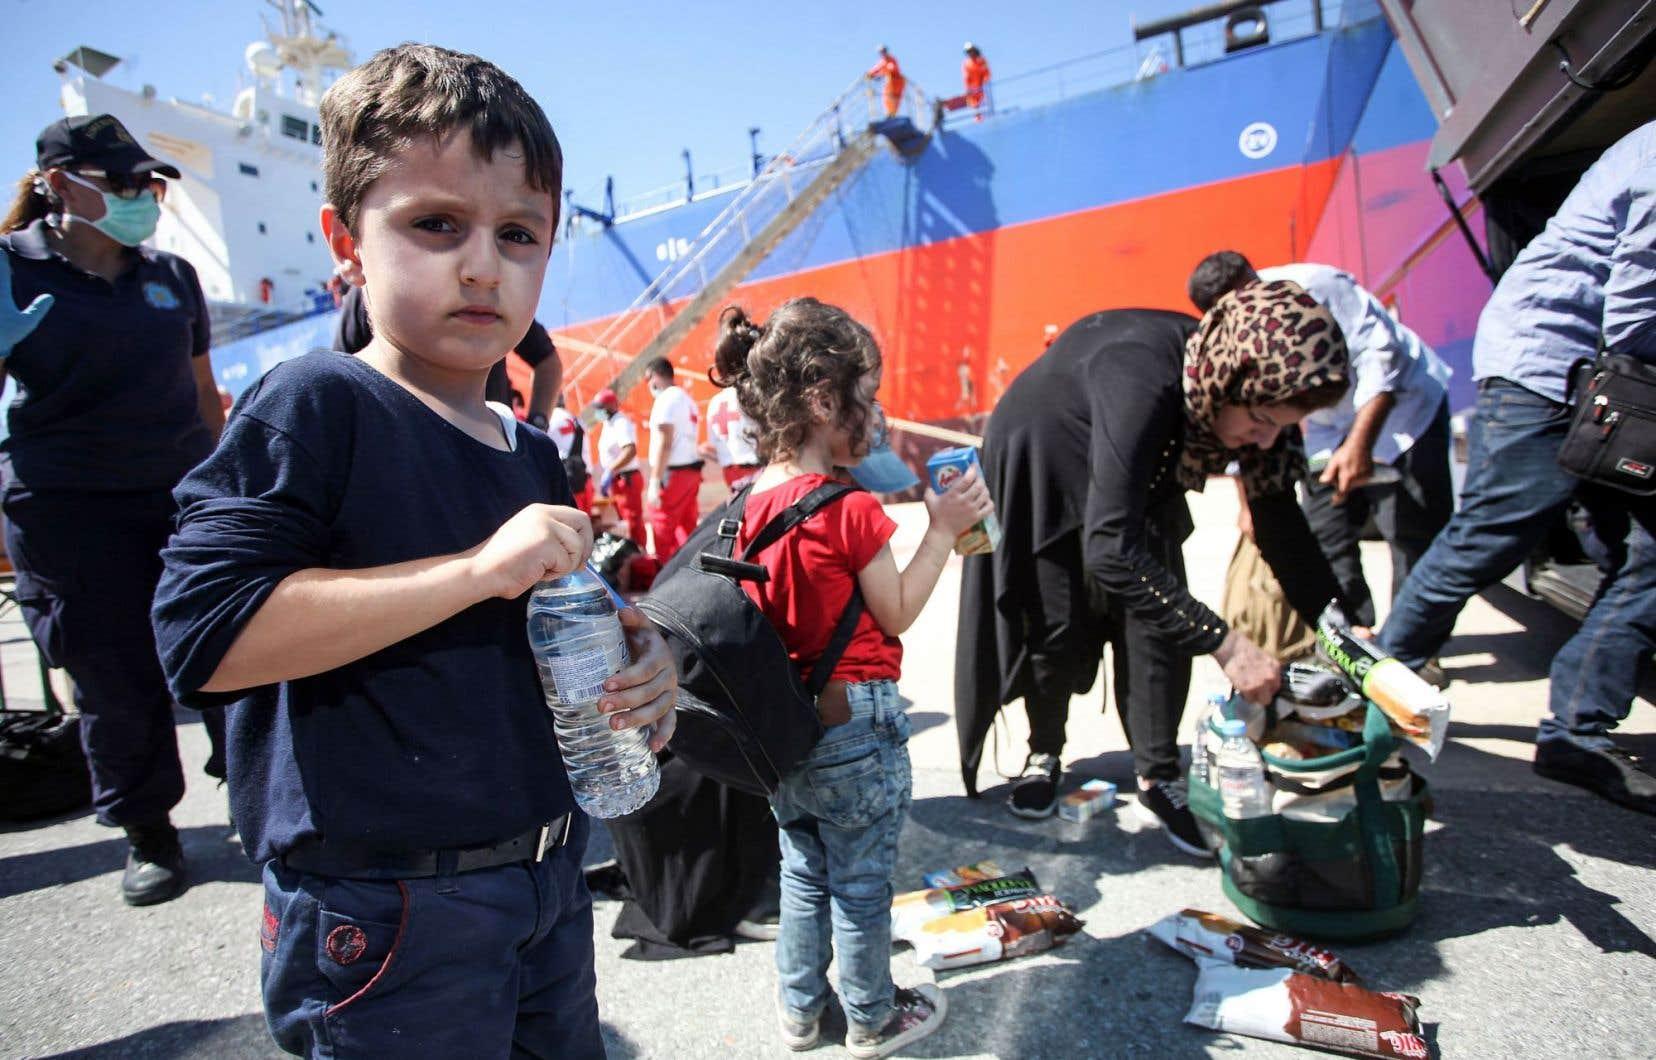 Des migrants ont reçu de la nourriture et de l'eau, après avoir débarqué d'un bateau au port d'Héraklion sur l'île de Crête, en Grèce, au début du mois.